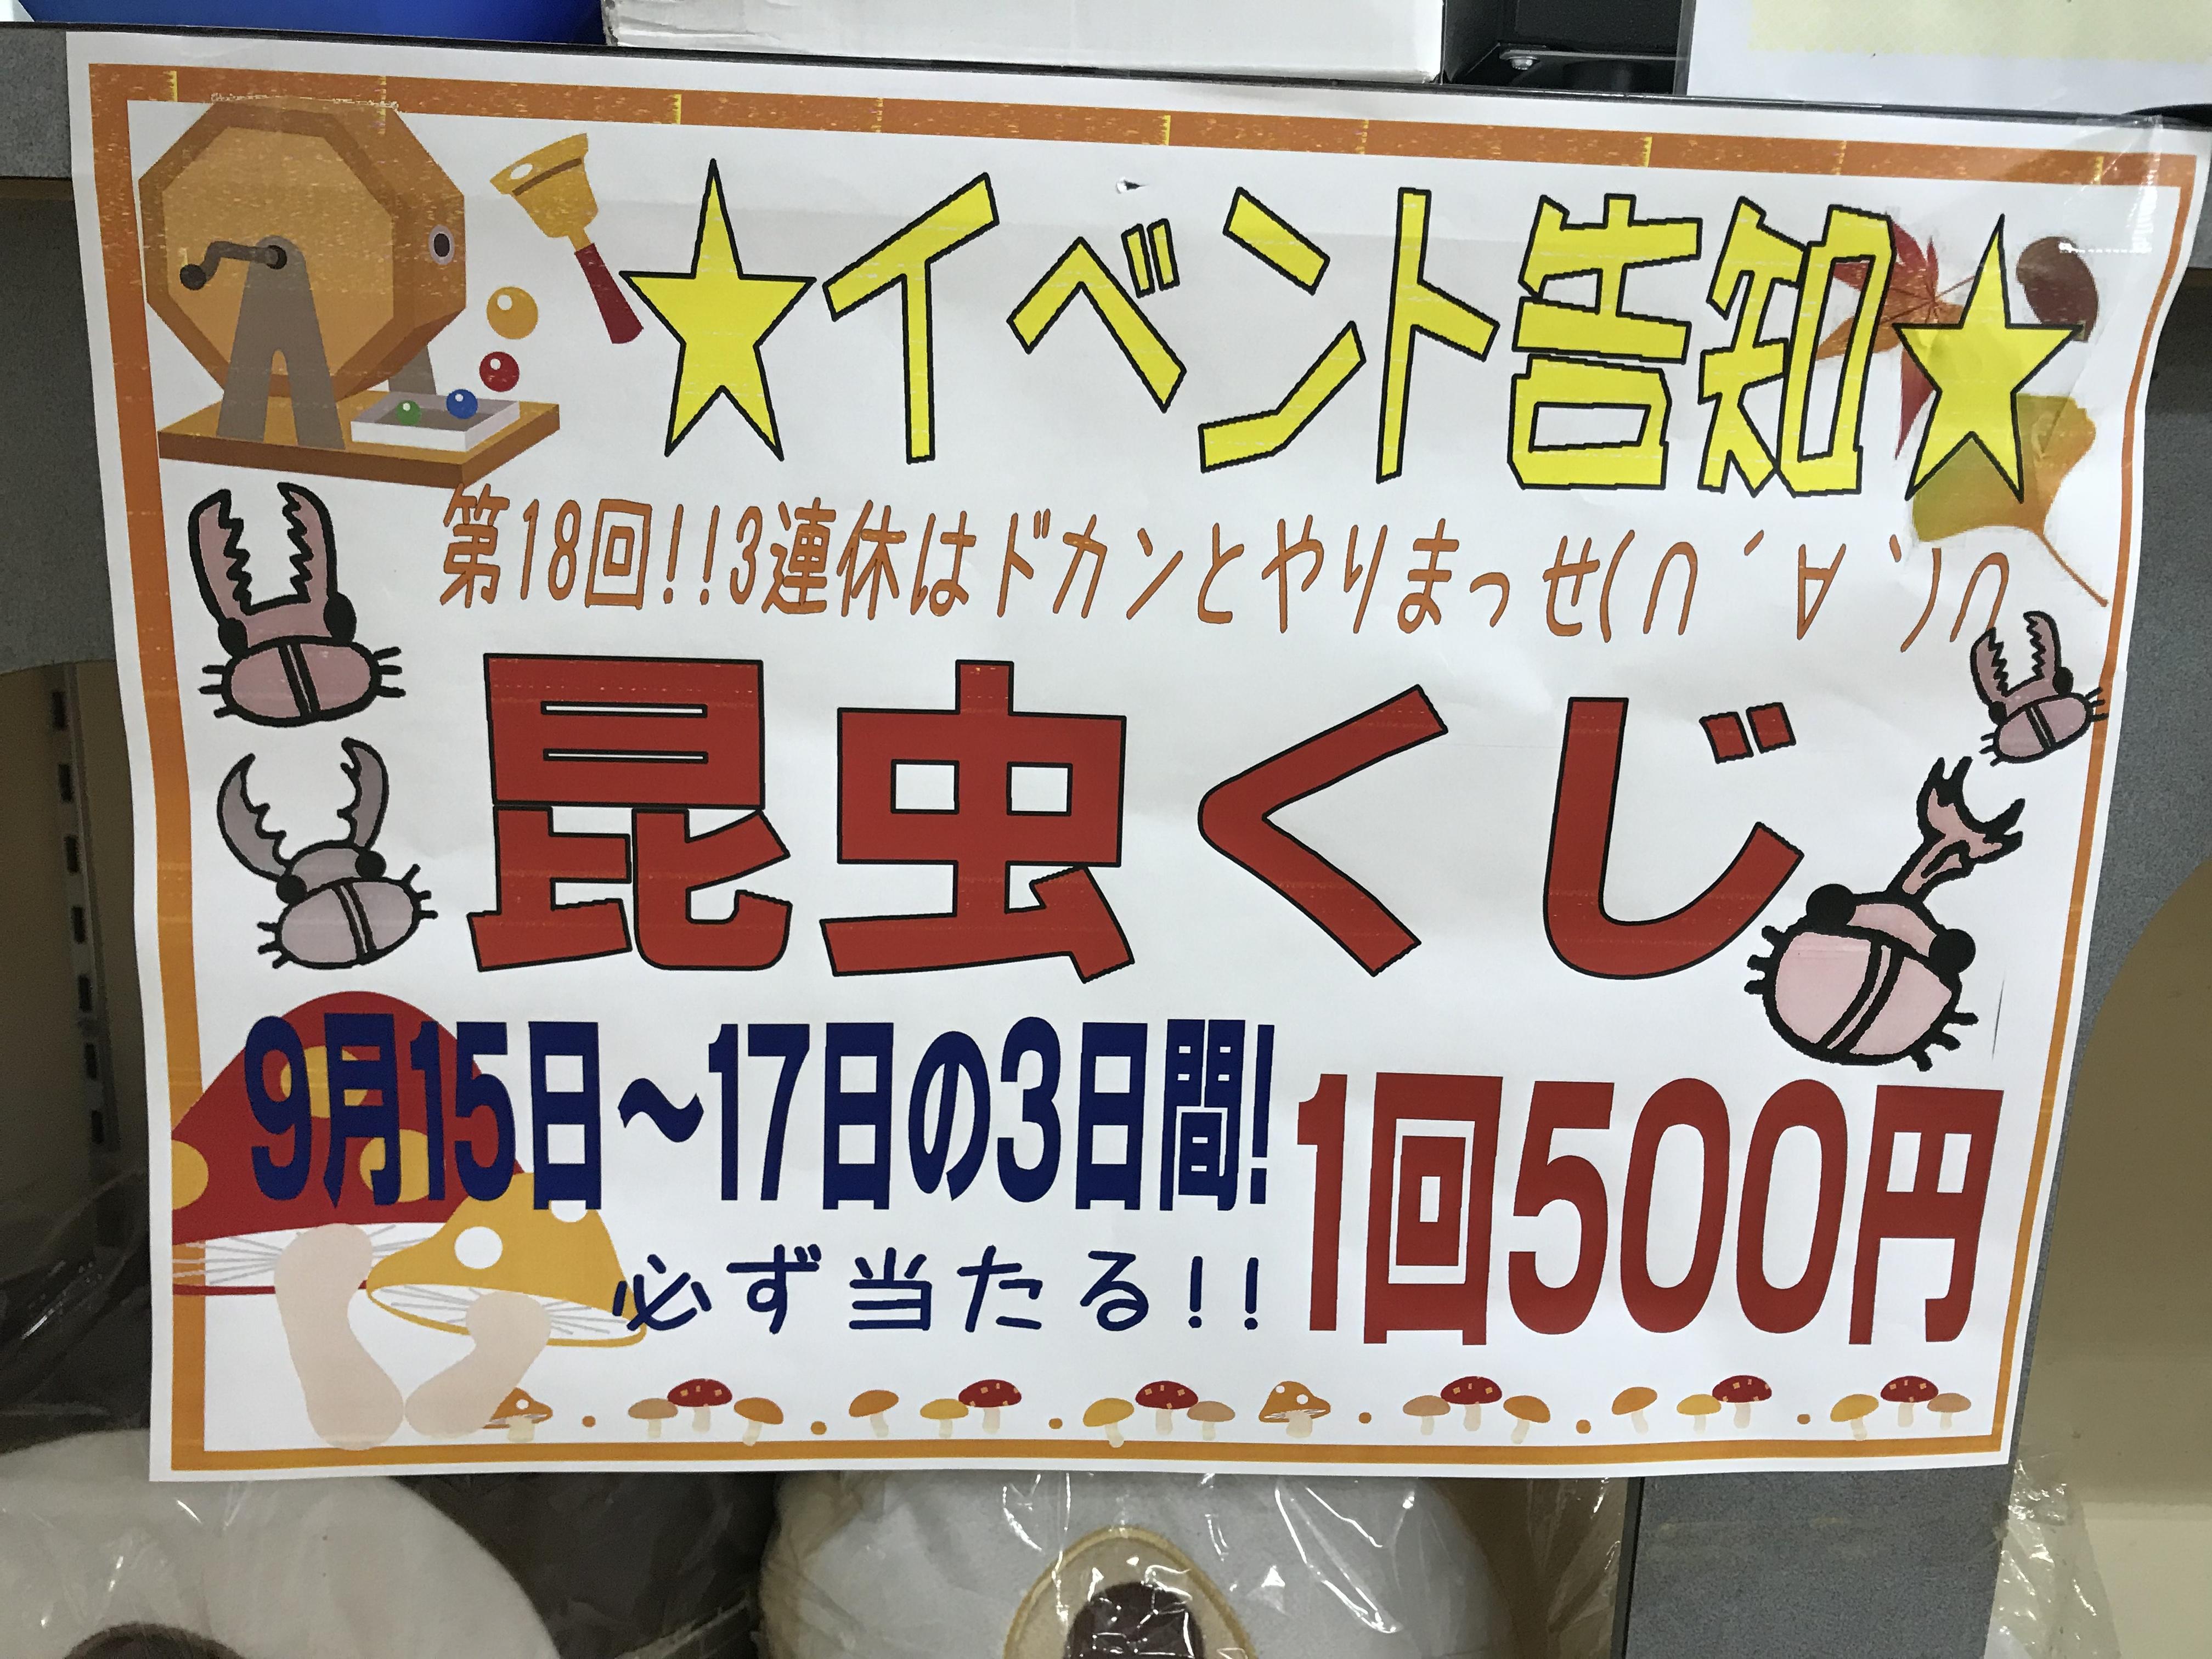 【インター小動物】明日も開催!!昆虫くじ!!人気のカブクワをGETしよう!!